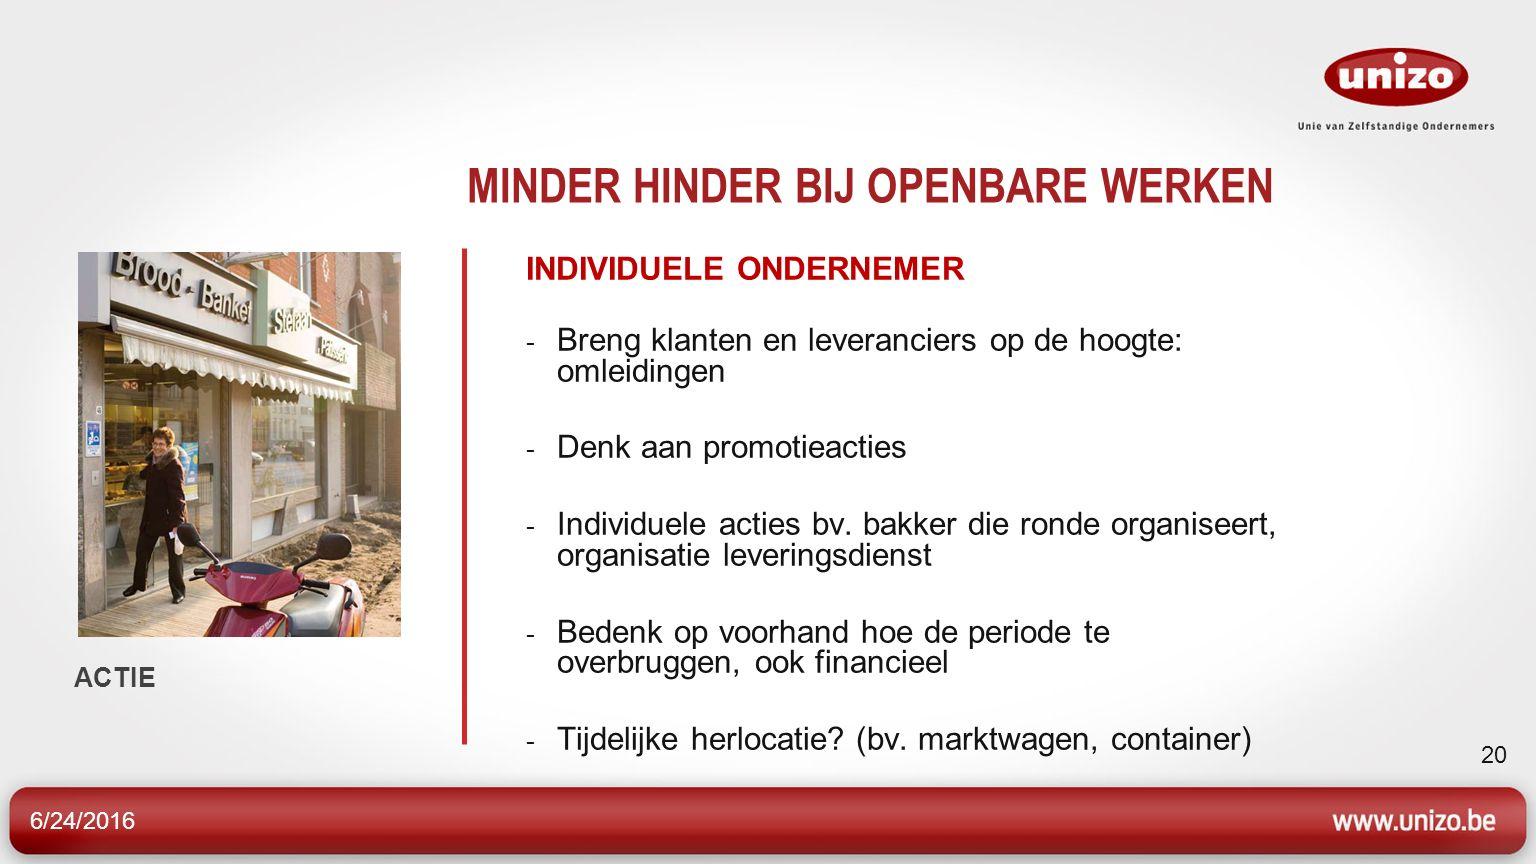 6/24/2016 20 MINDER HINDER BIJ OPENBARE WERKEN INDIVIDUELE ONDERNEMER - Breng klanten en leveranciers op de hoogte: omleidingen - Denk aan promotieacties - Individuele acties bv.